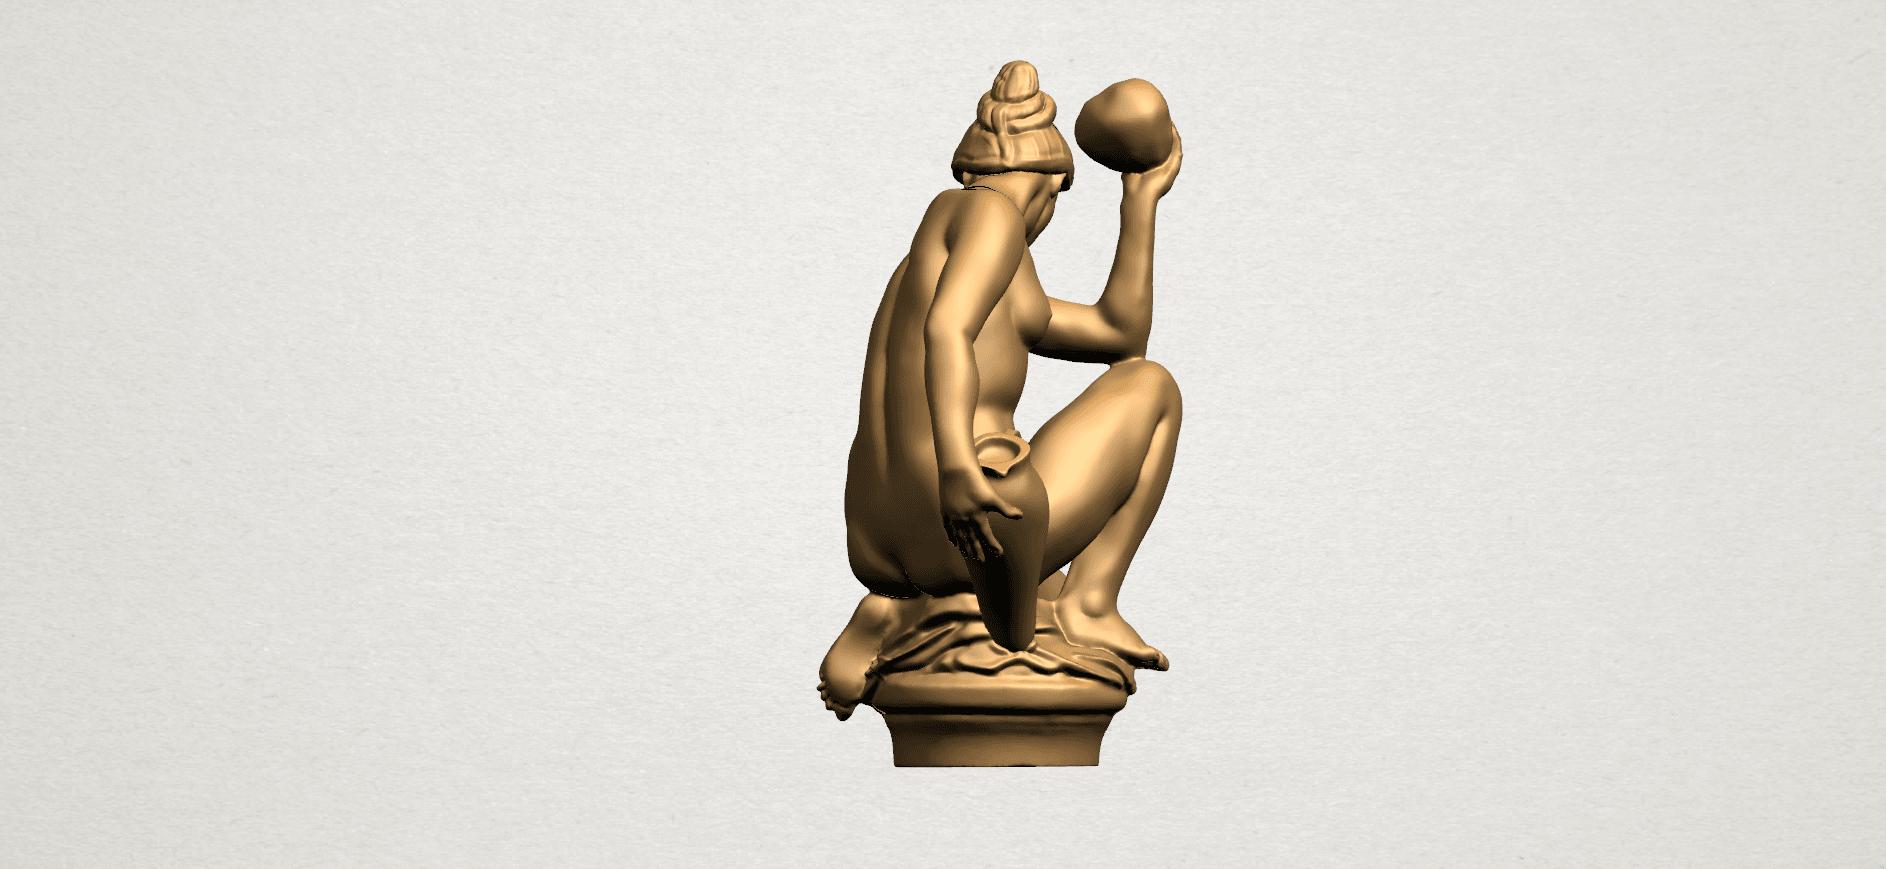 Naked Girl - With Pot - A07.png Télécharger fichier STL gratuit Fille Nue - Avec Pot • Modèle à imprimer en 3D, GeorgesNikkei